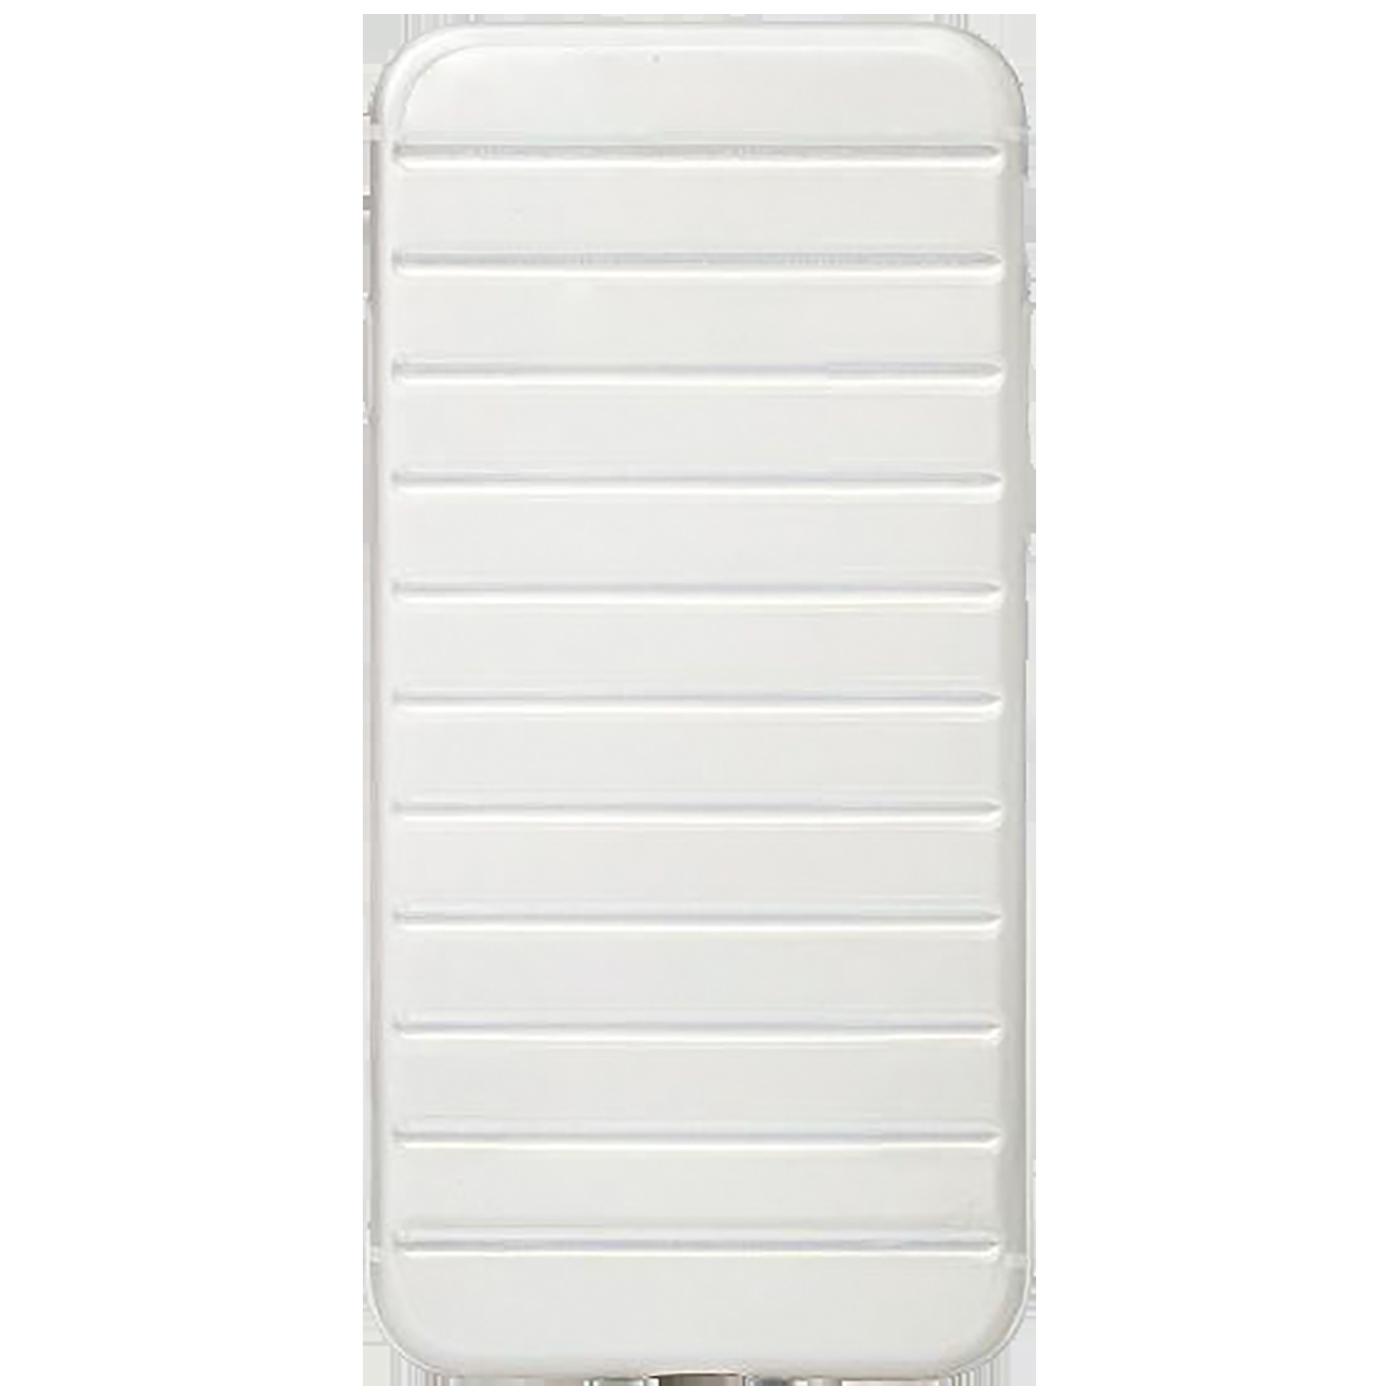 Futrola za mobiltel Samsung J5 2017, transparent